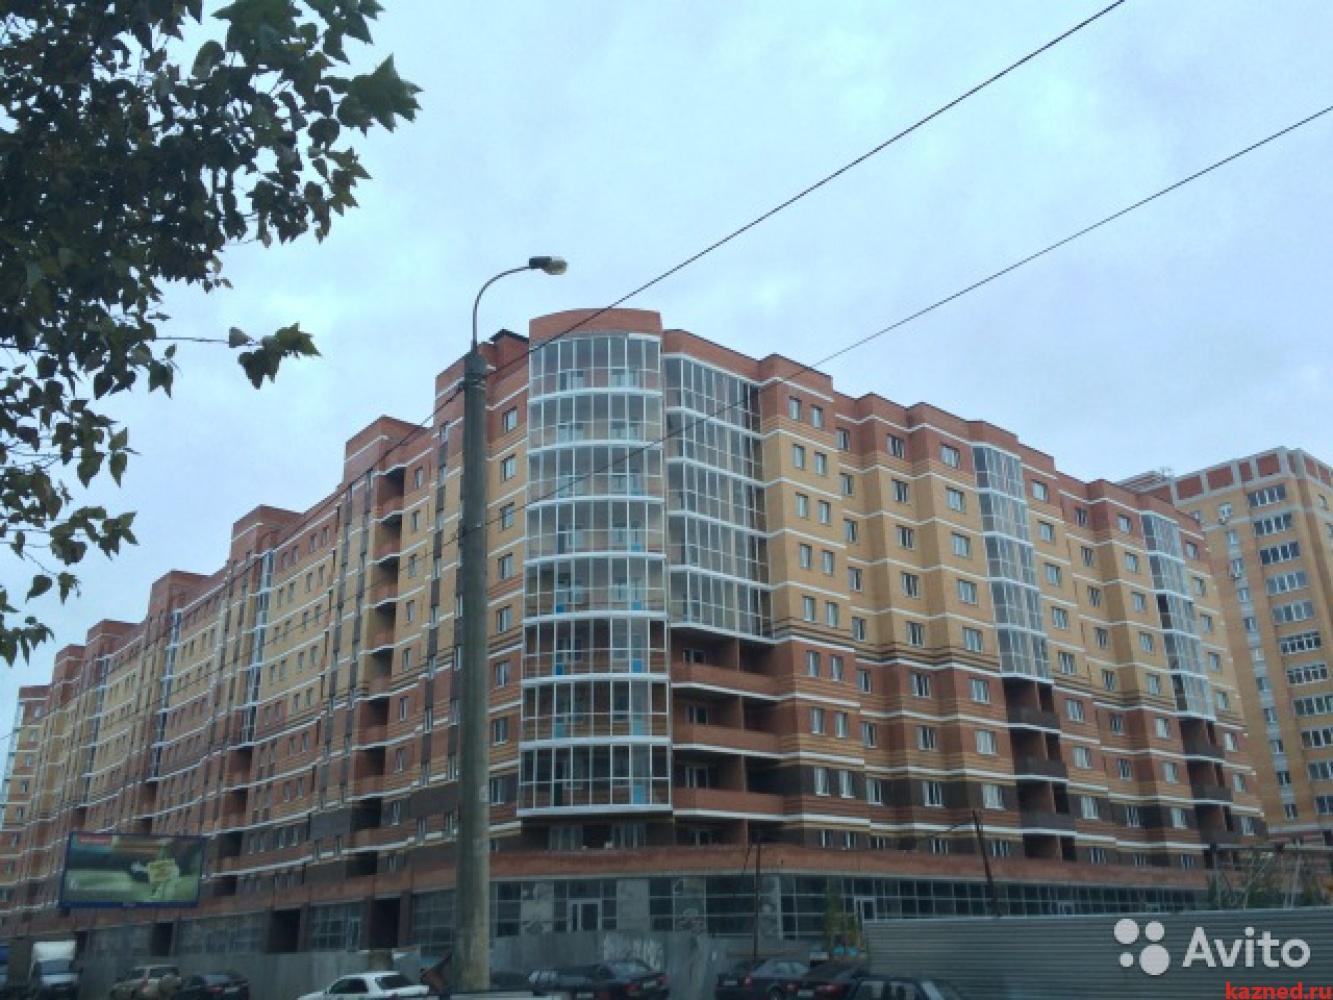 Продажа 2-к квартиры четаева 10, 66 м²  (миниатюра №1)